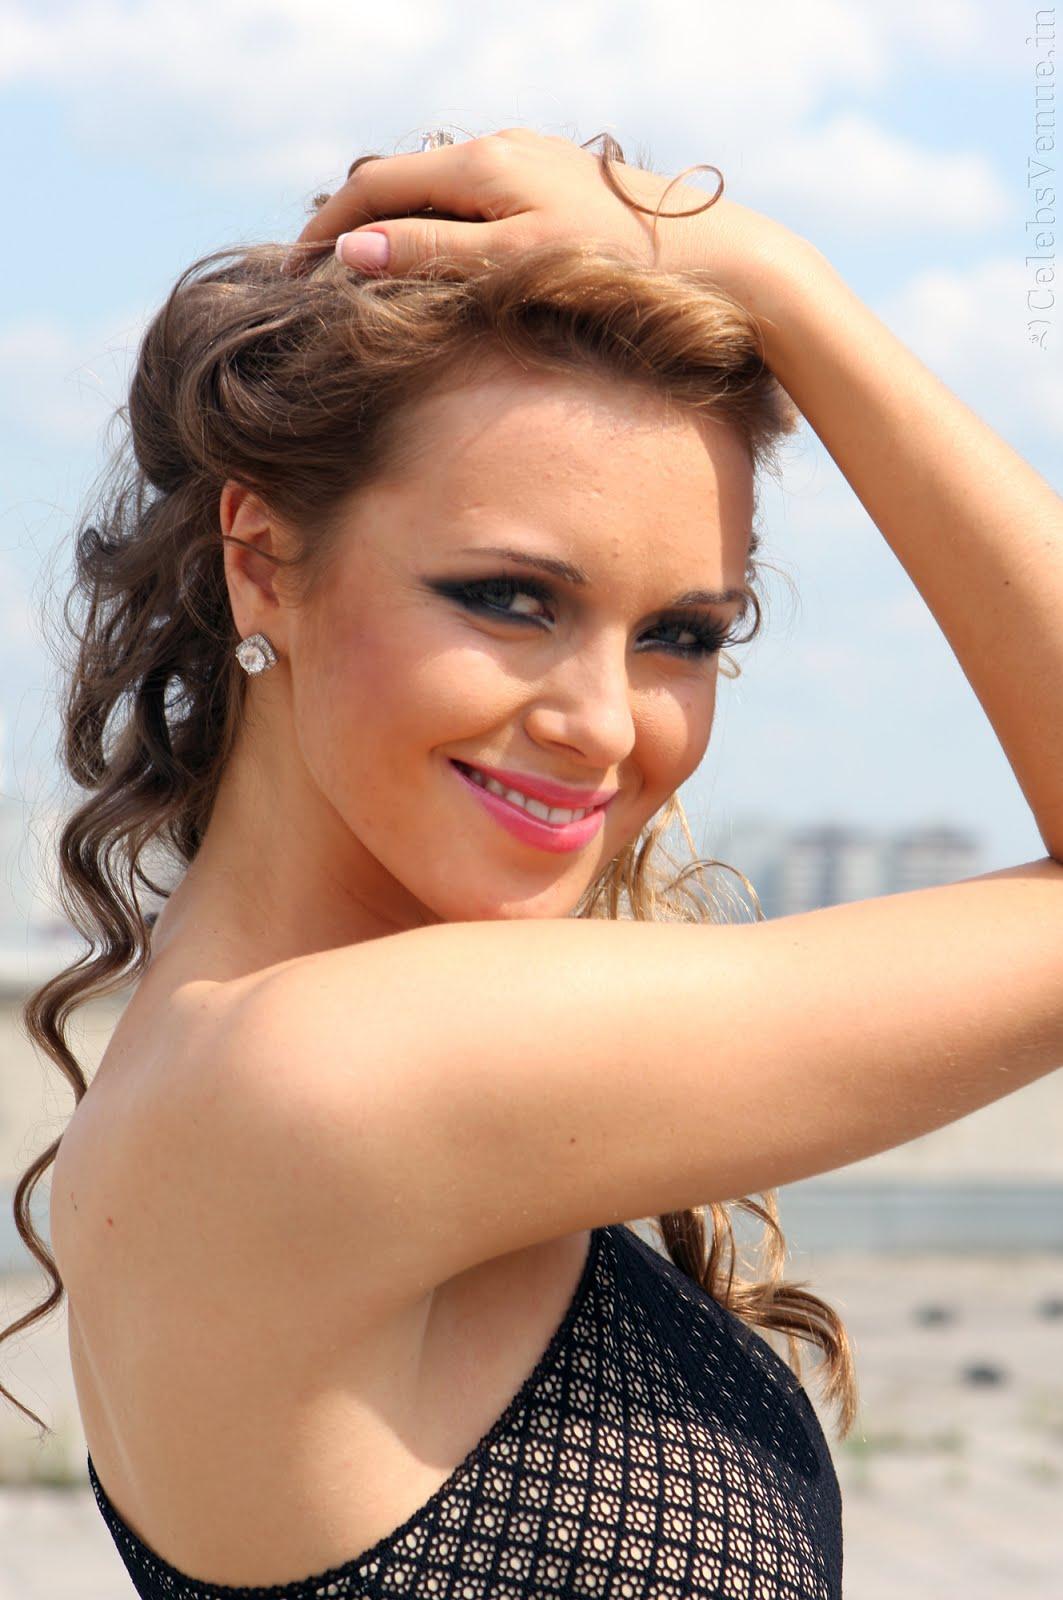 http://3.bp.blogspot.com/-B73zDrbrjV8/UHc3RPHxMYI/AAAAAAAAC3E/CY9Vru5mIFs/s1600/miss-world-2008-russia-ksenia-sukhinova-13.jpg